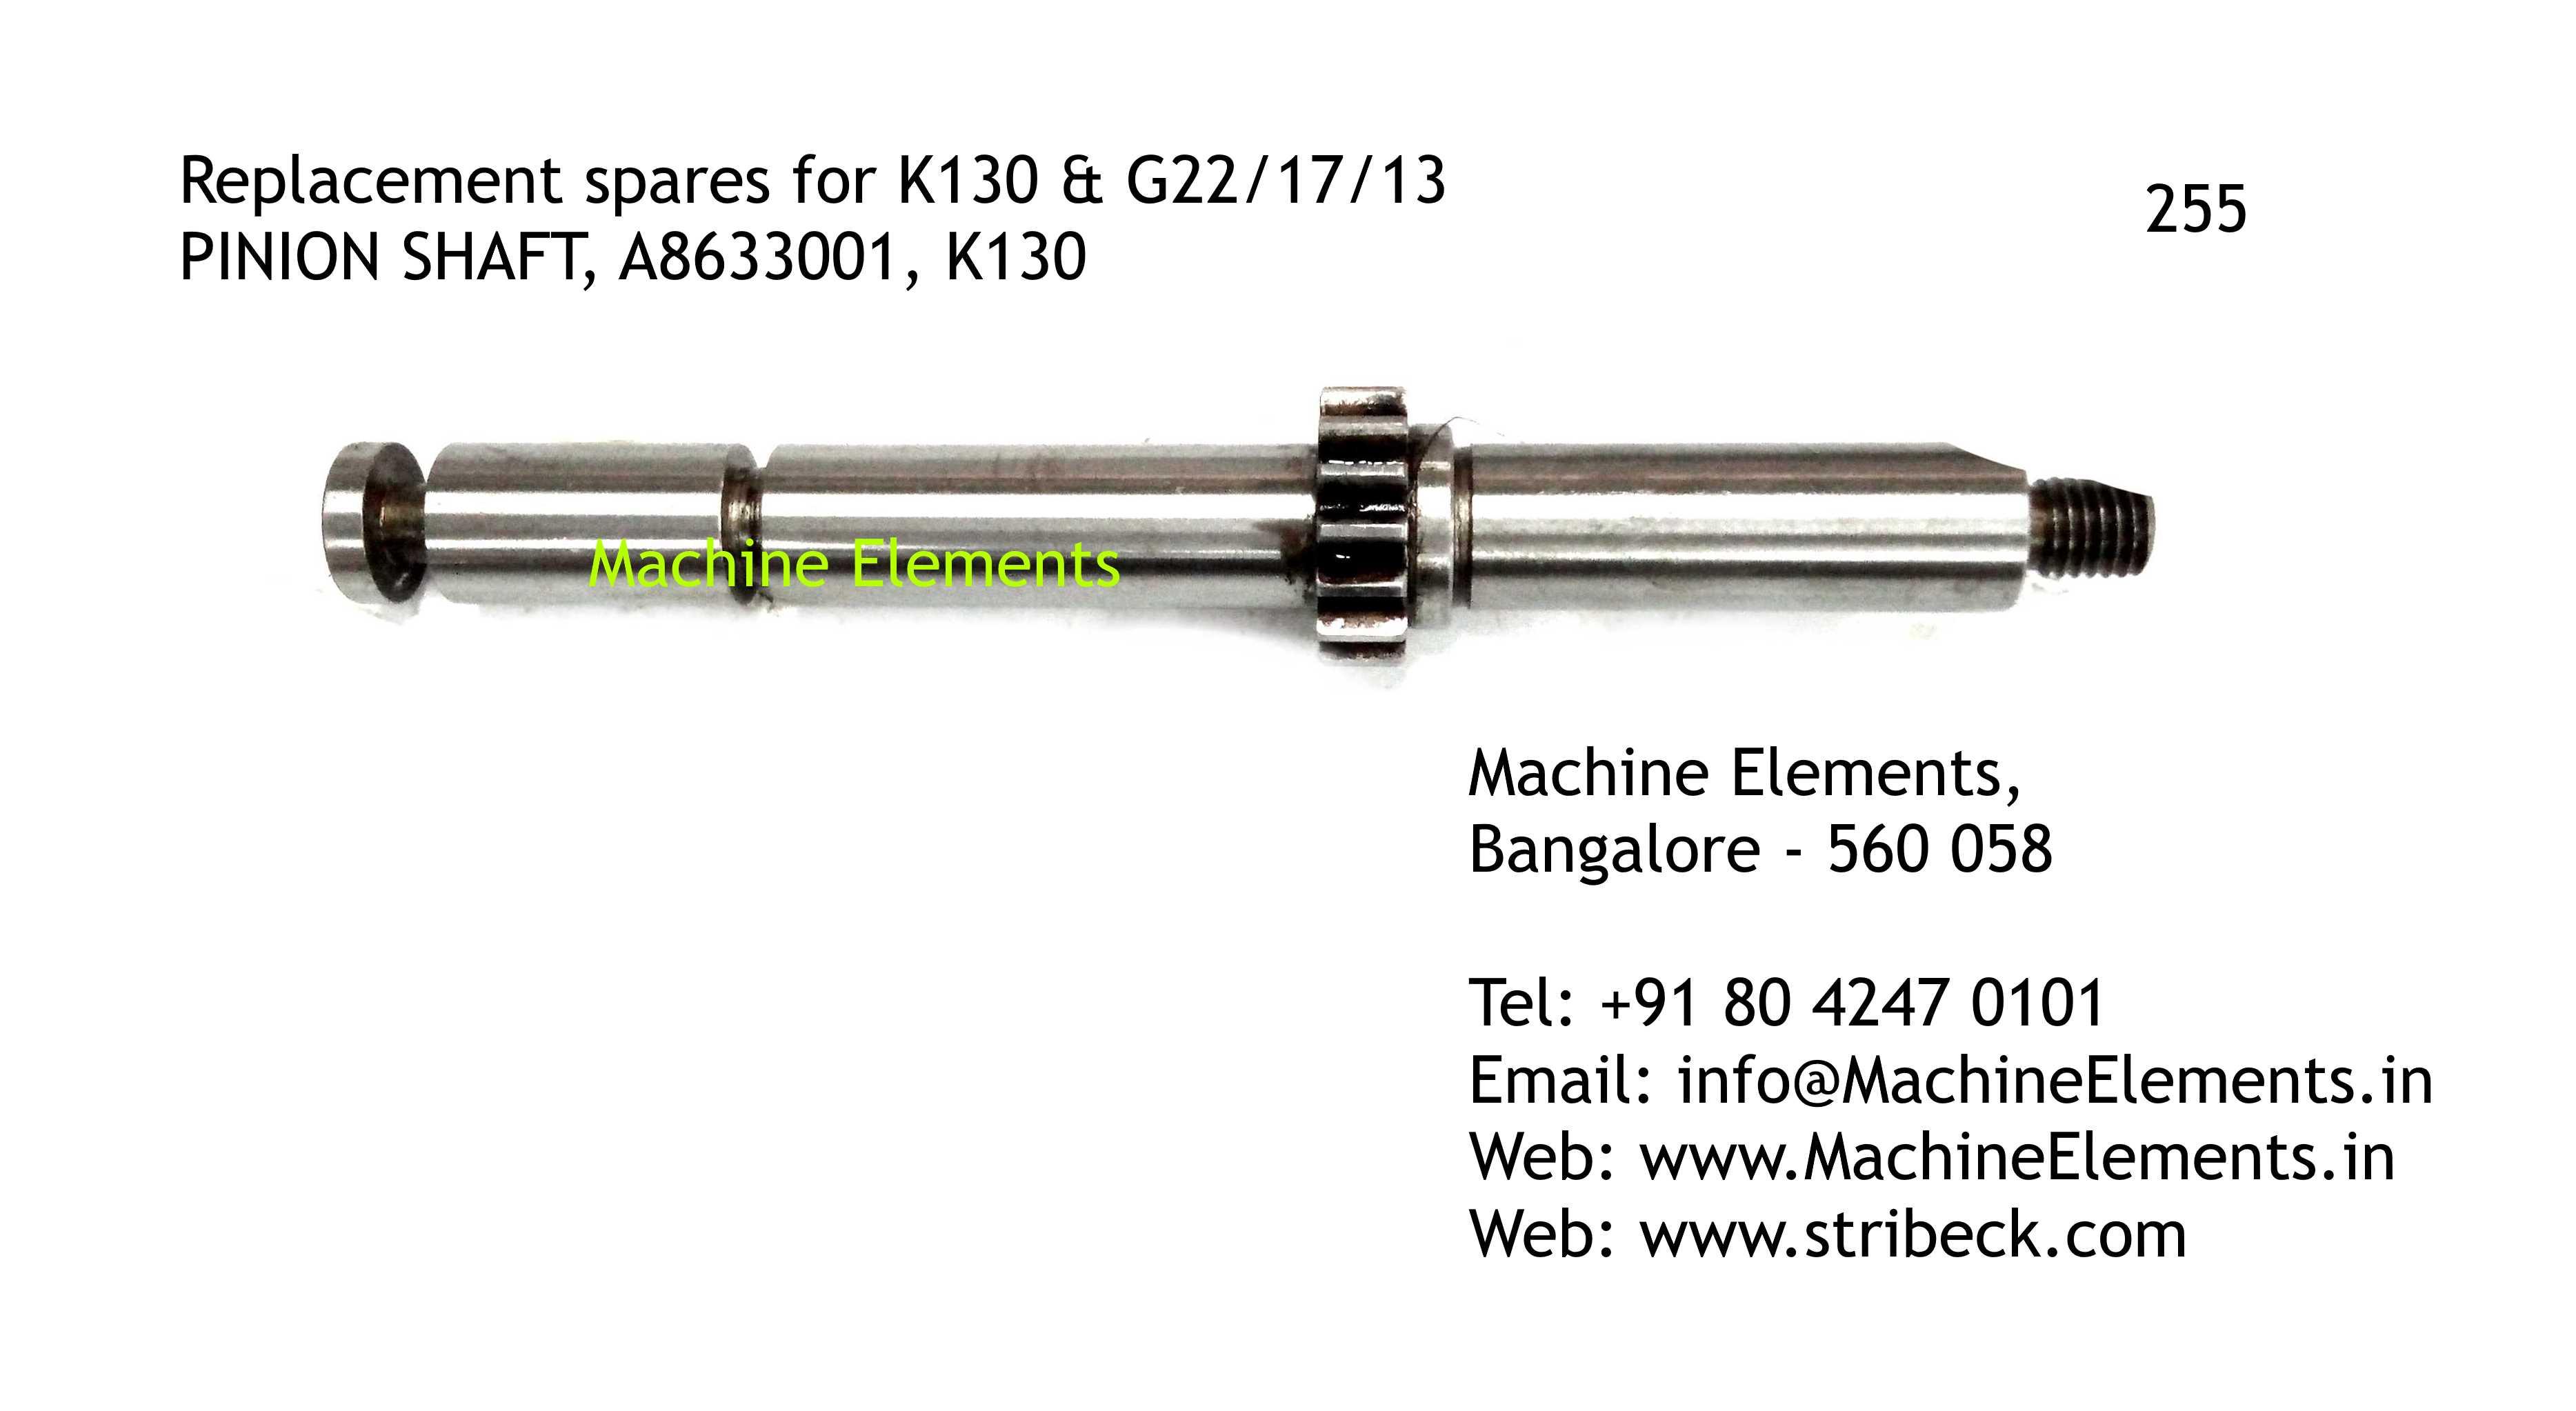 PINION SHAFT, A8633001, K130